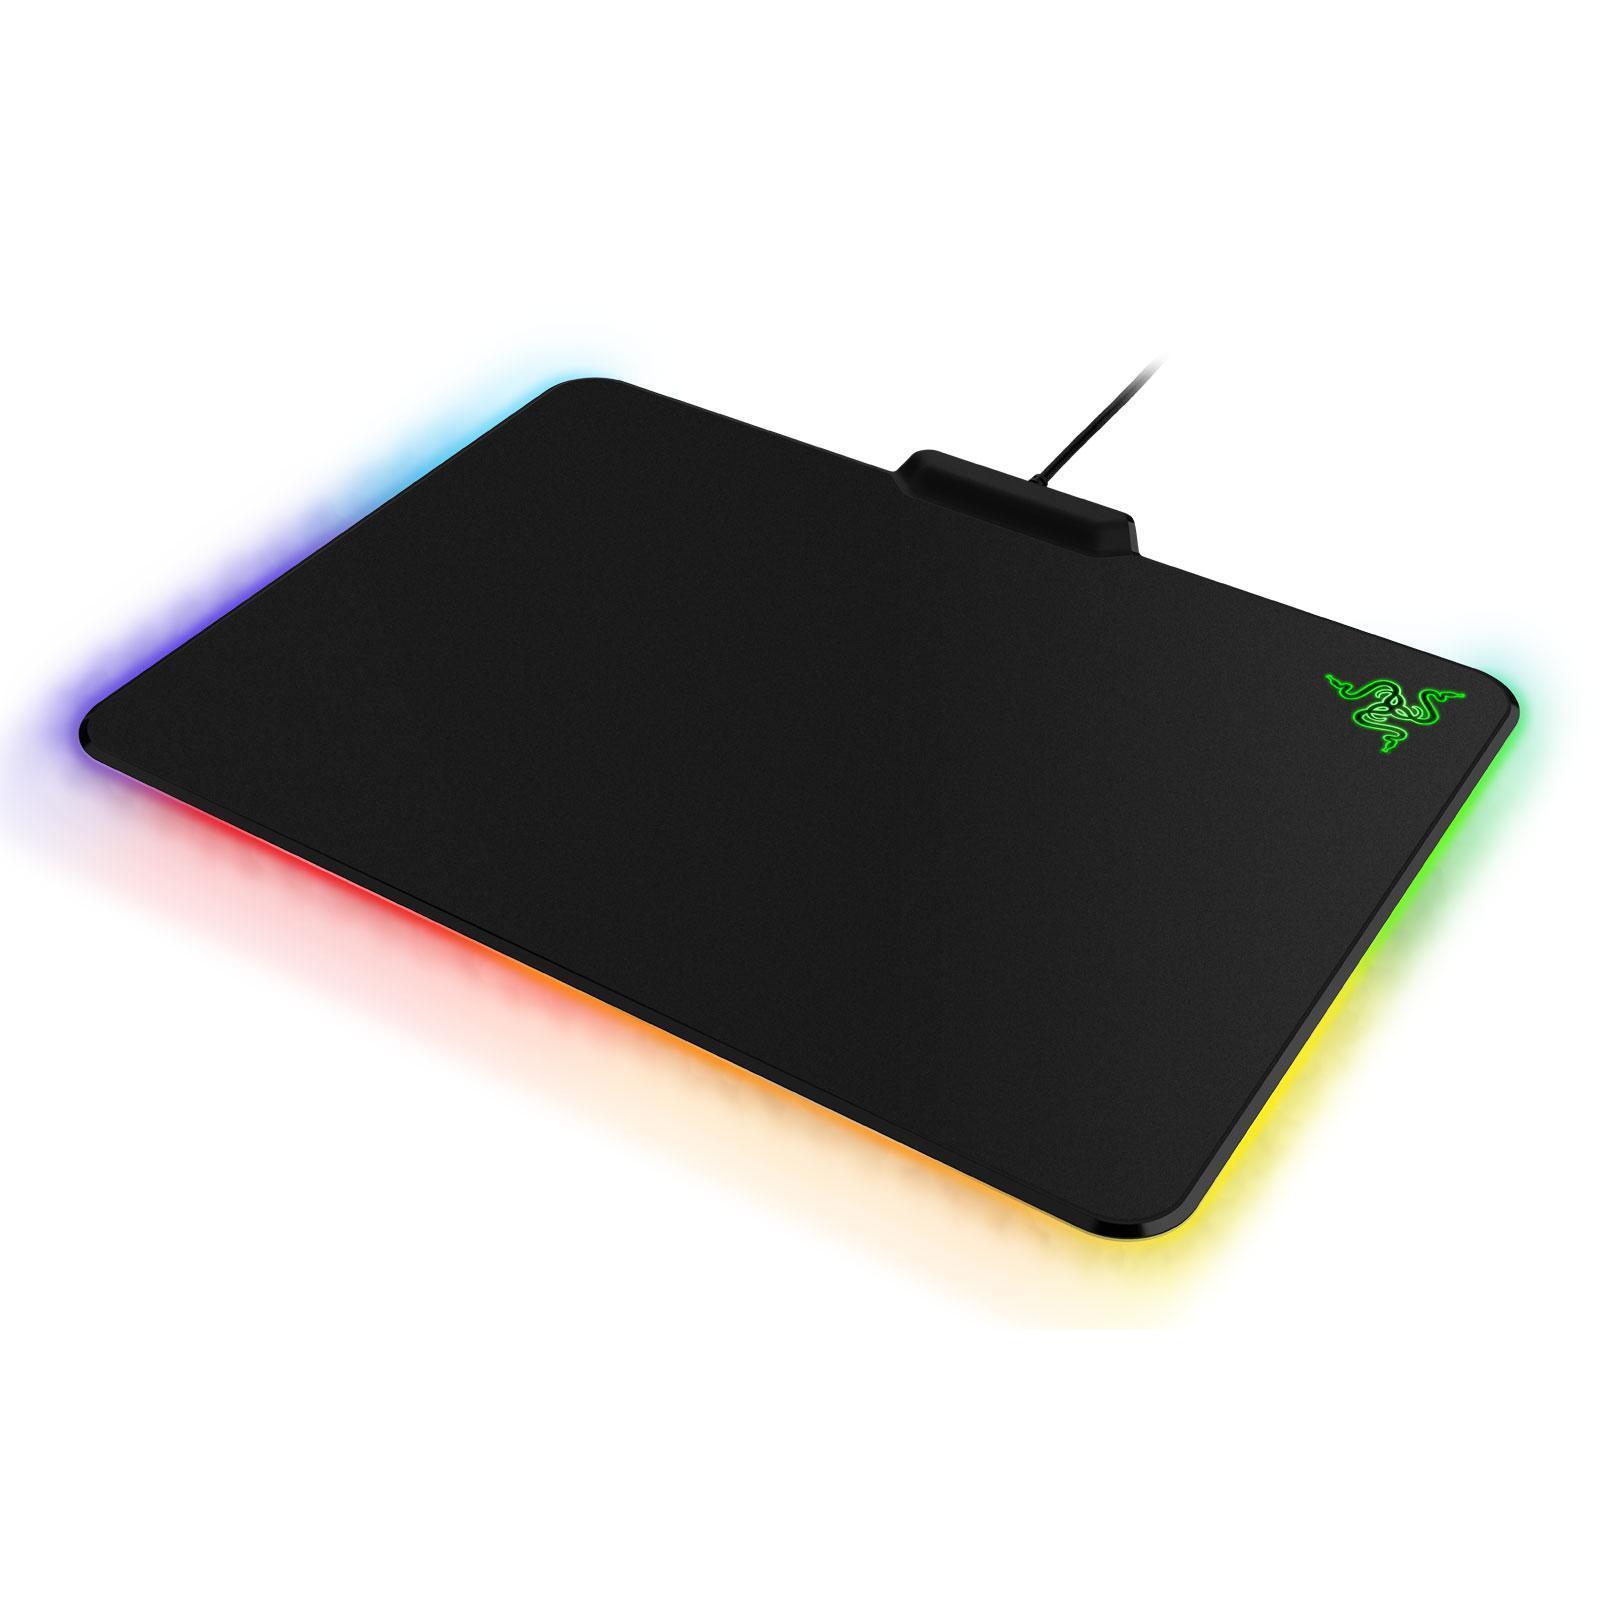 USB-Stick Razer Firefly Cloth Edition